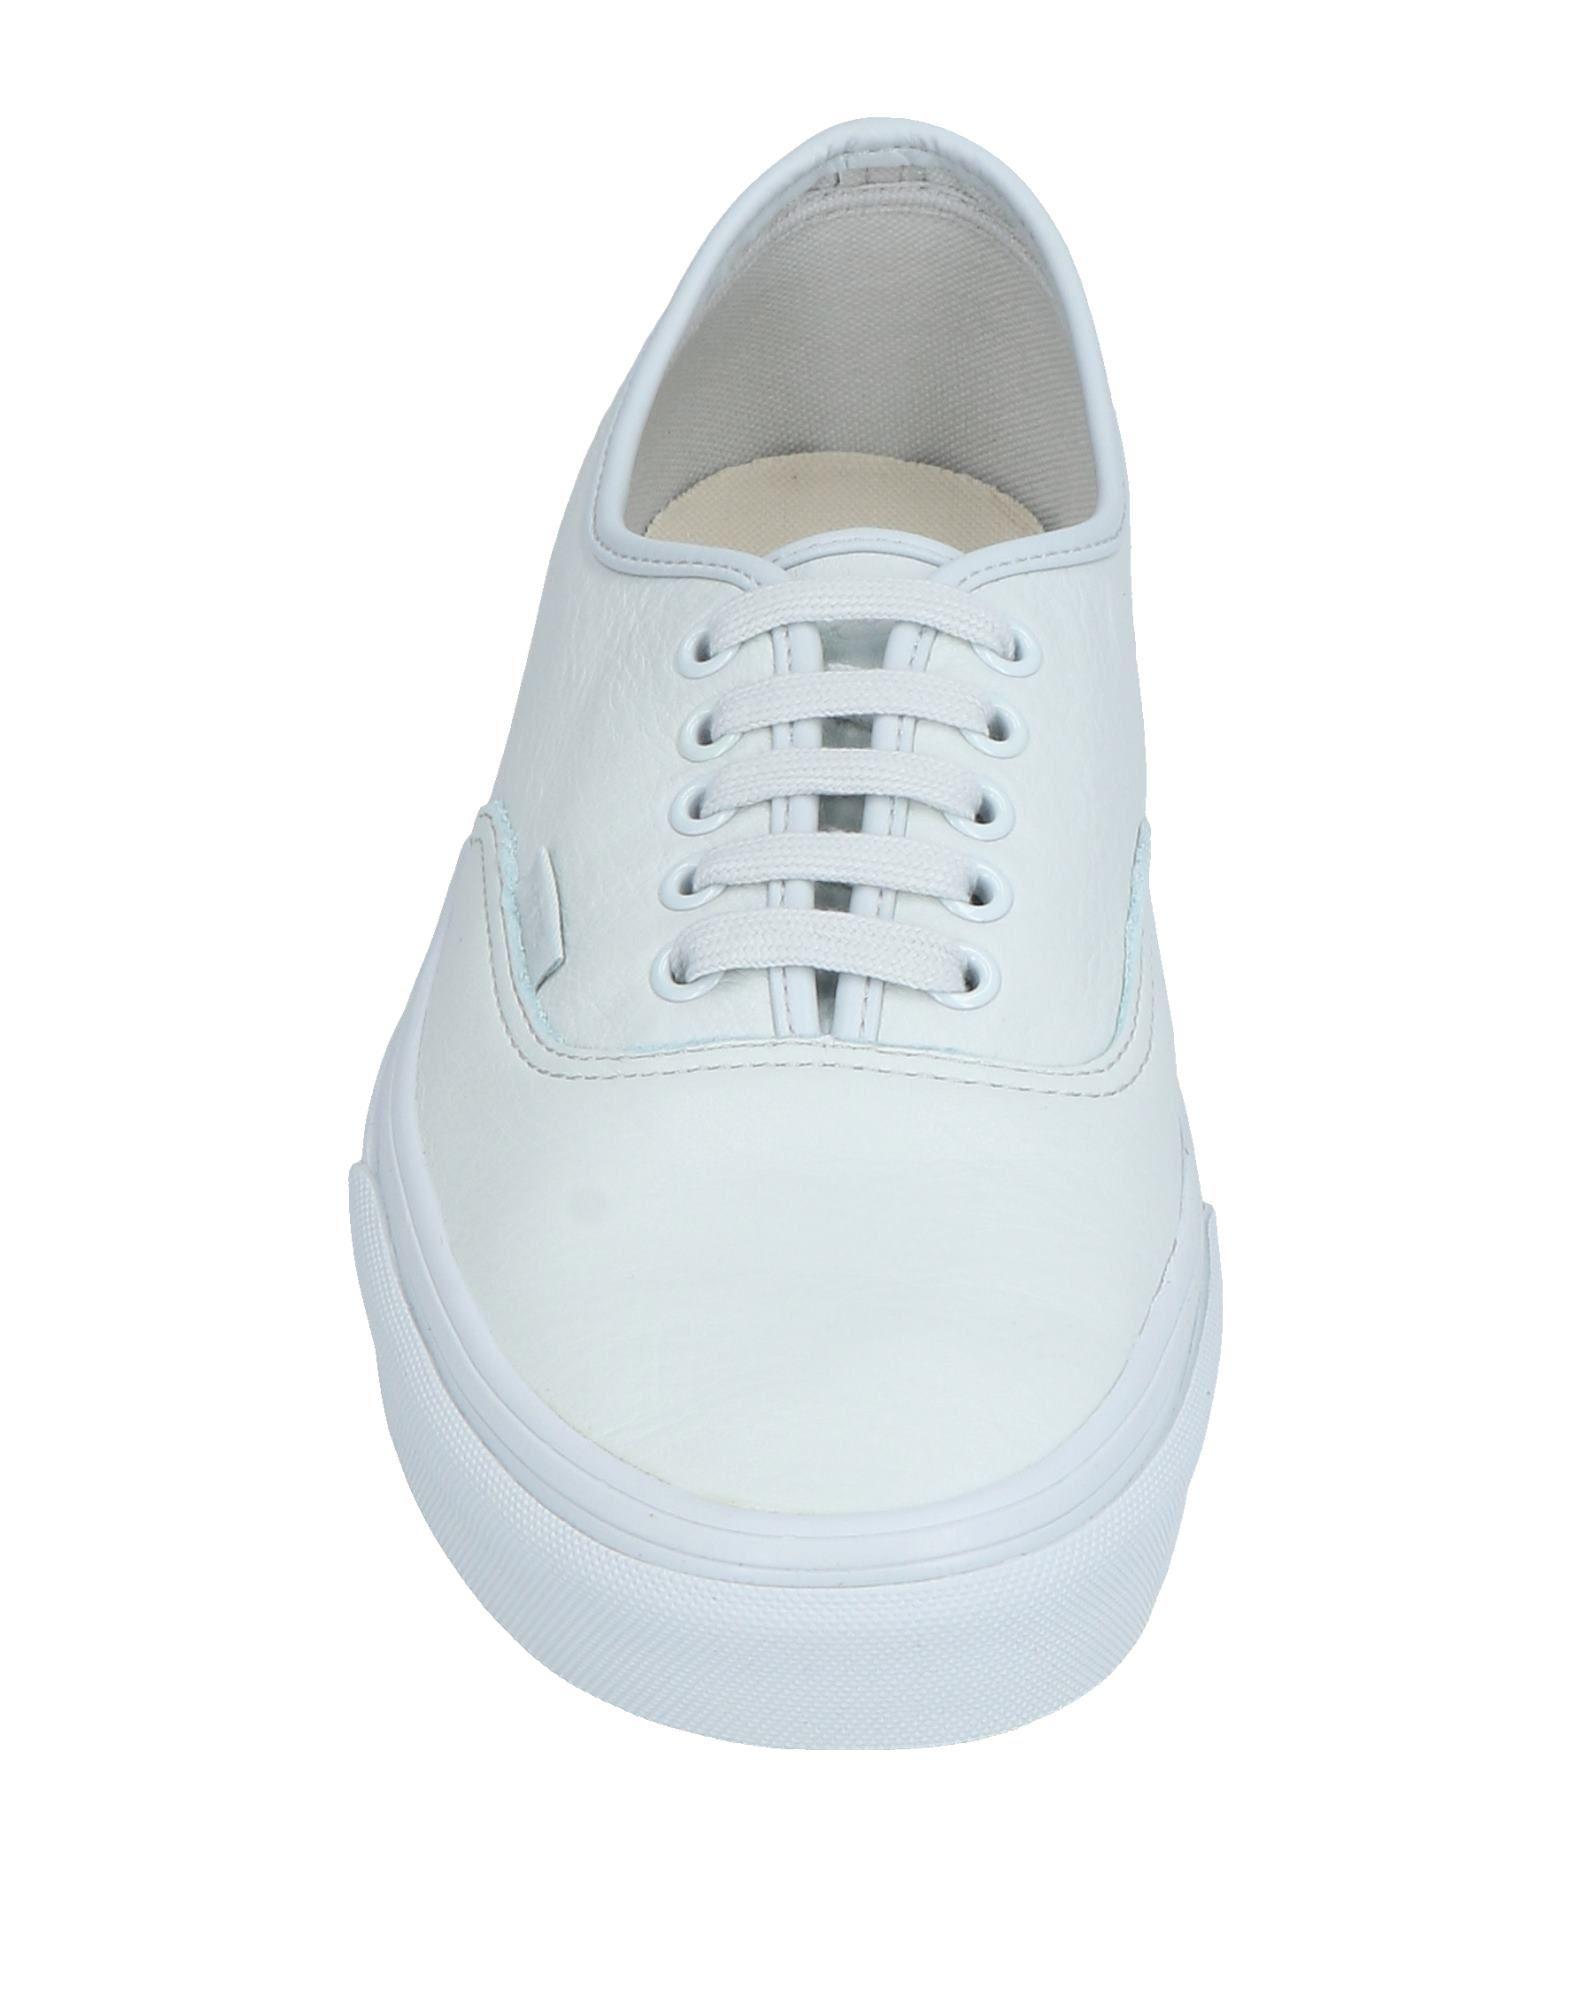 Vans Vans  Sneakers Herren  11492428OI 416110